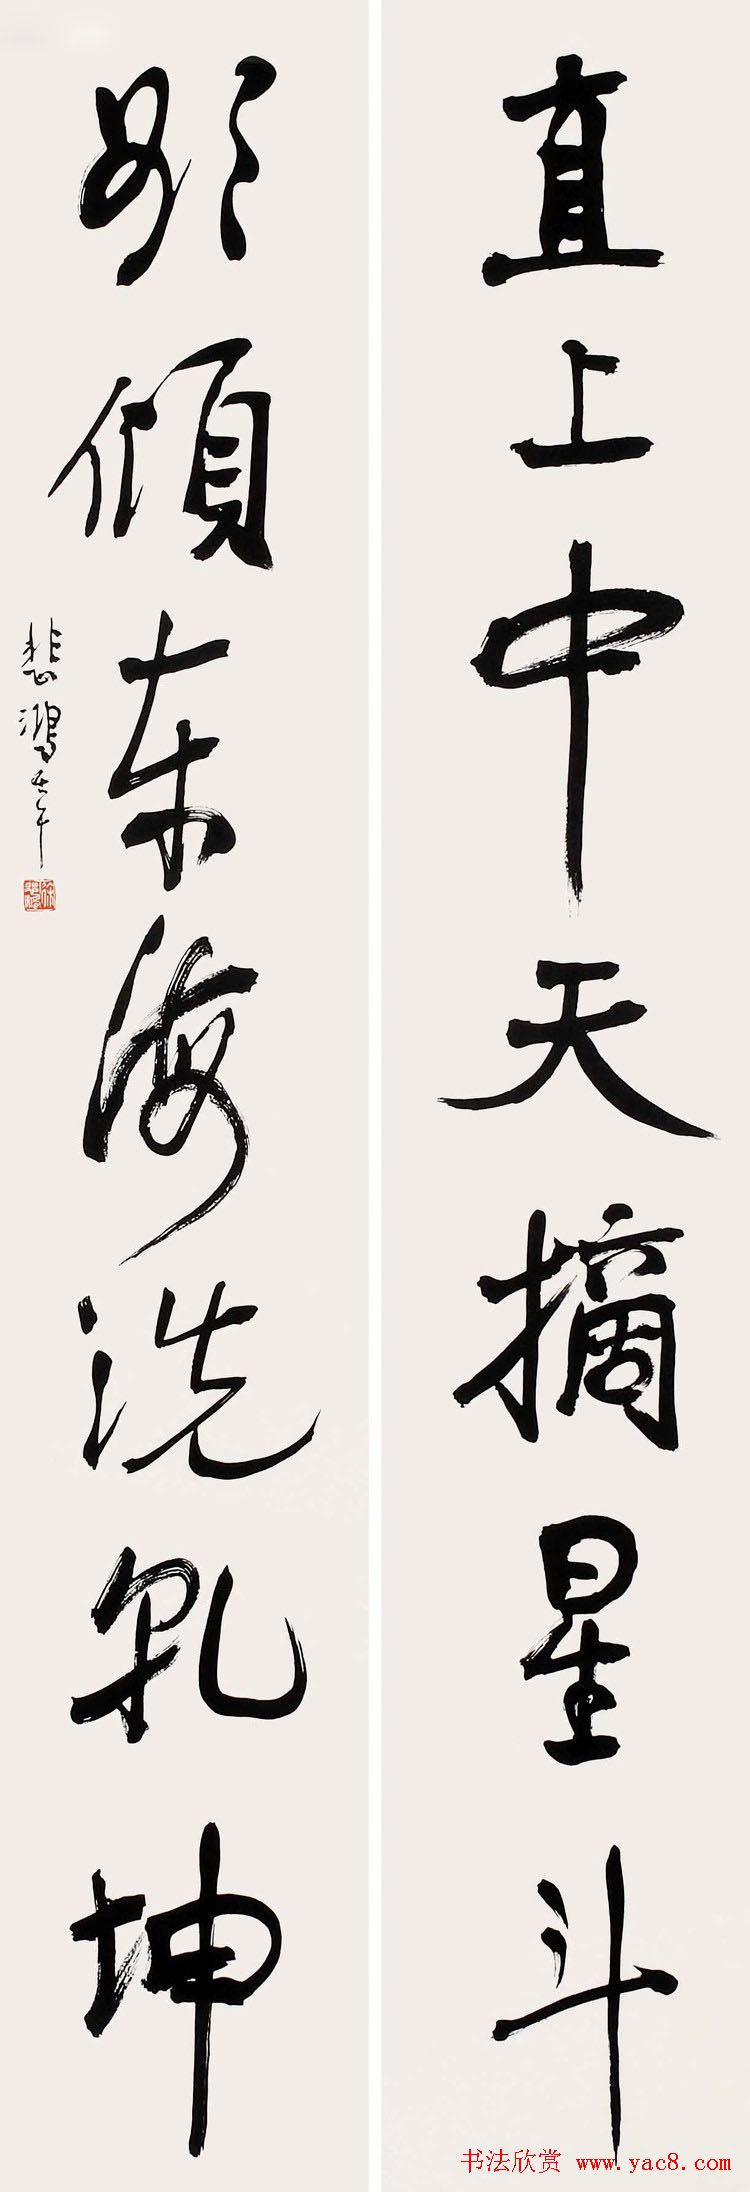 徐悲鸿书法作品网络大展